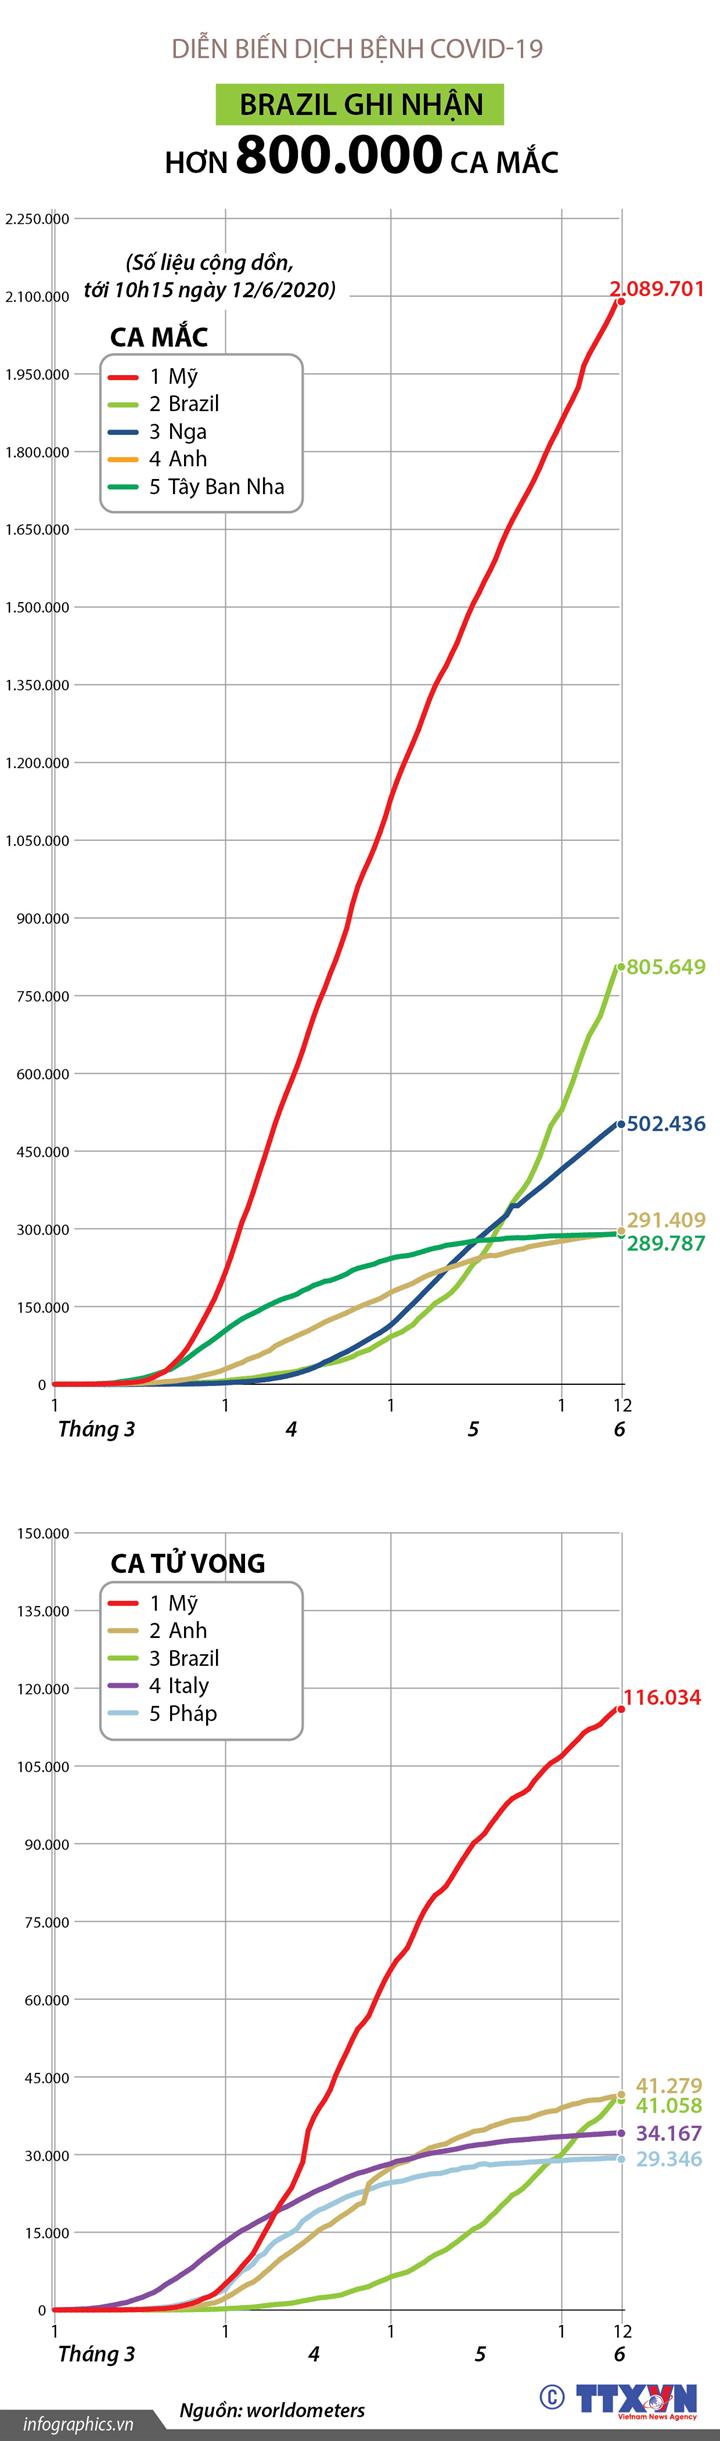 Brazil ghi nhận hơn 800.000 ca mắc COVID-19 (tới 10h15 ngày 12/6/2020)